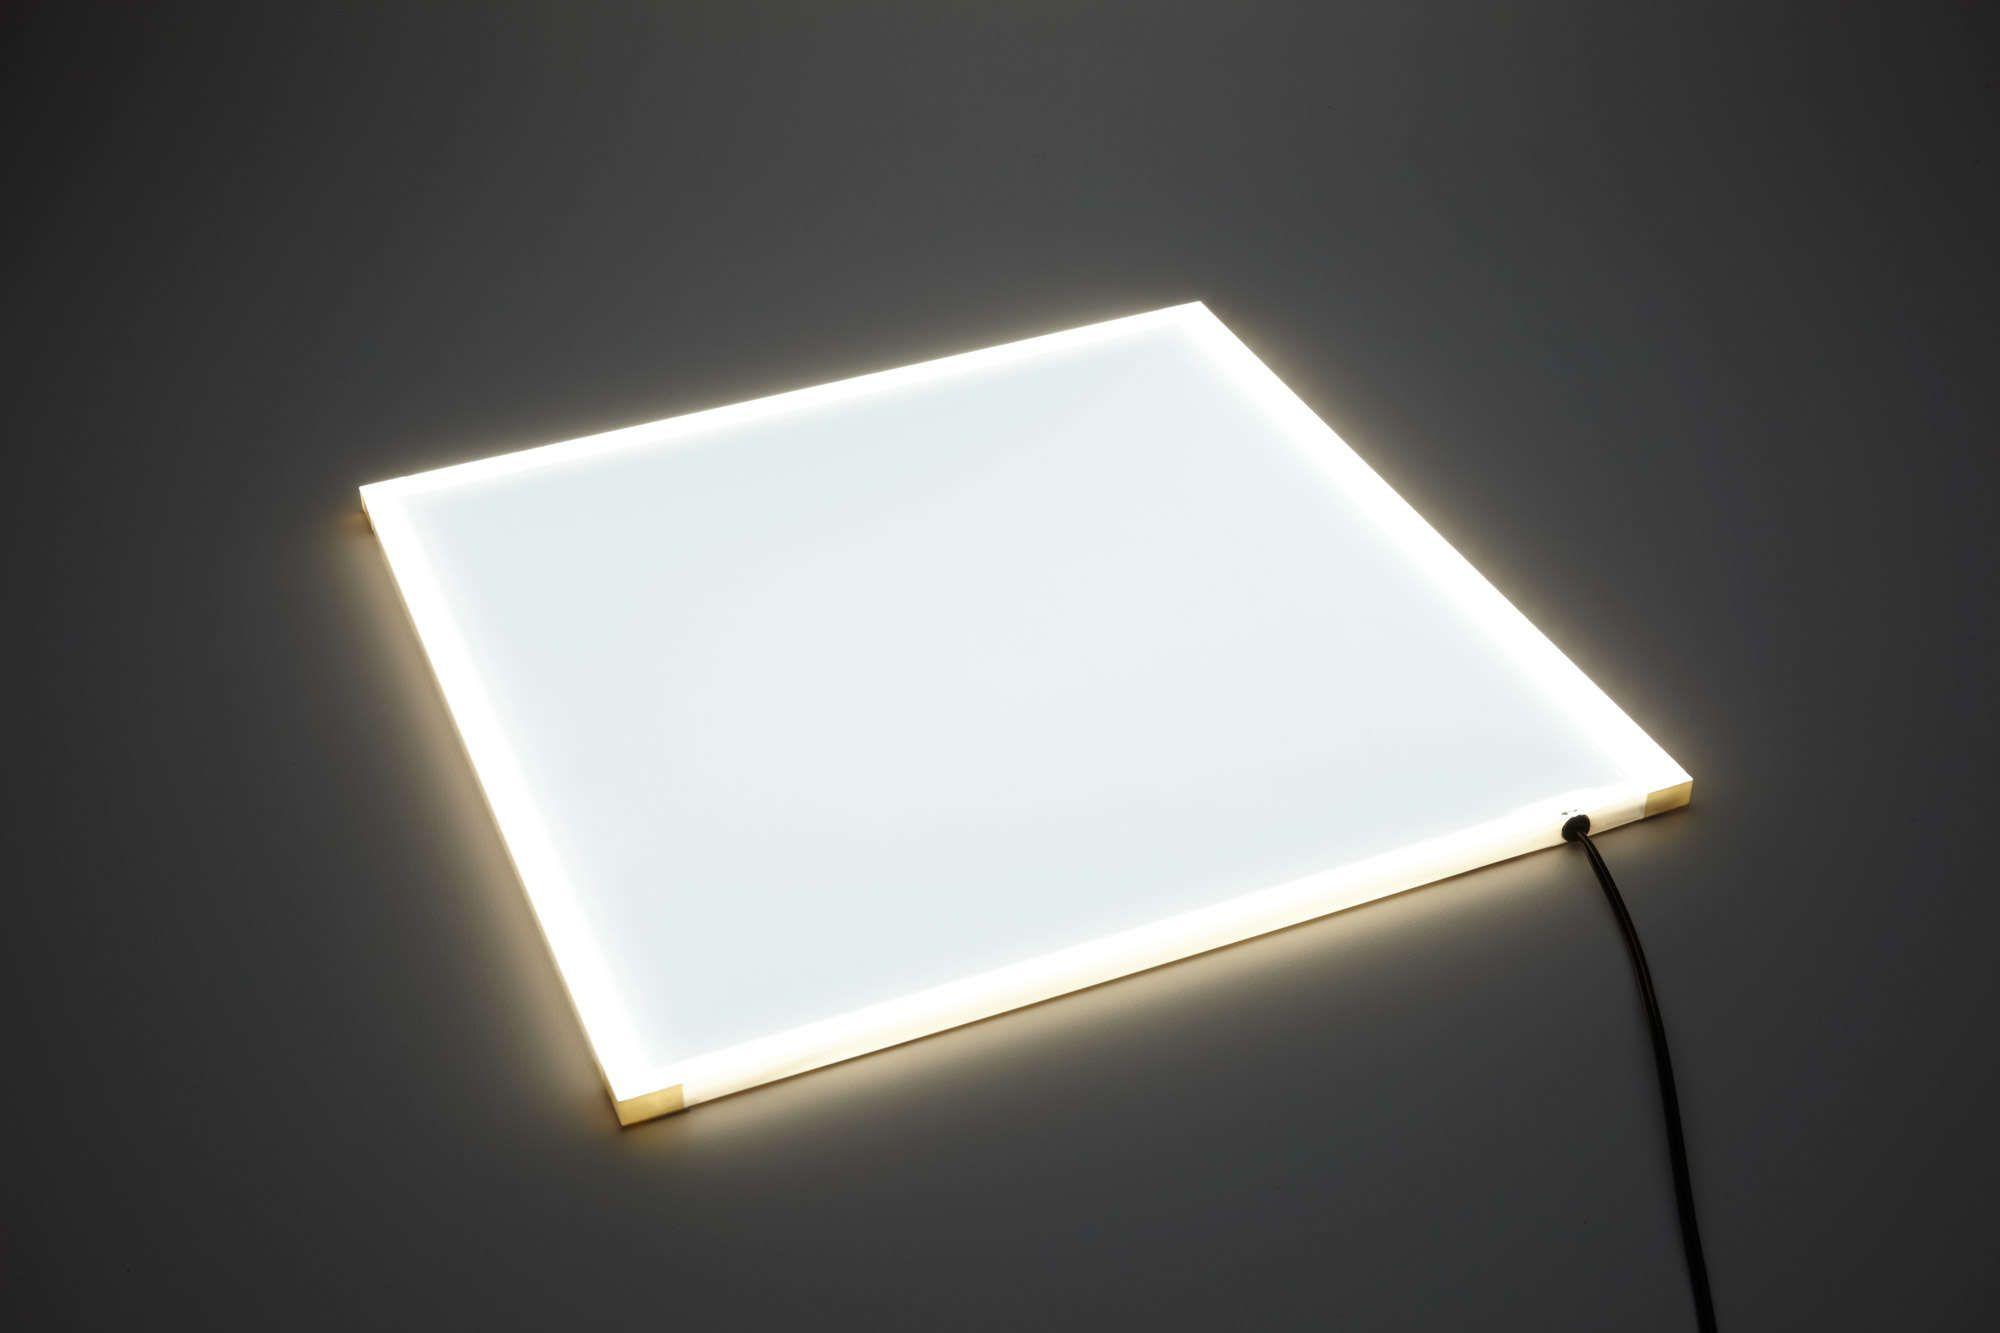 san francisco e5ef1 47c61 Backlight anything translucent with custom LED light panels ...